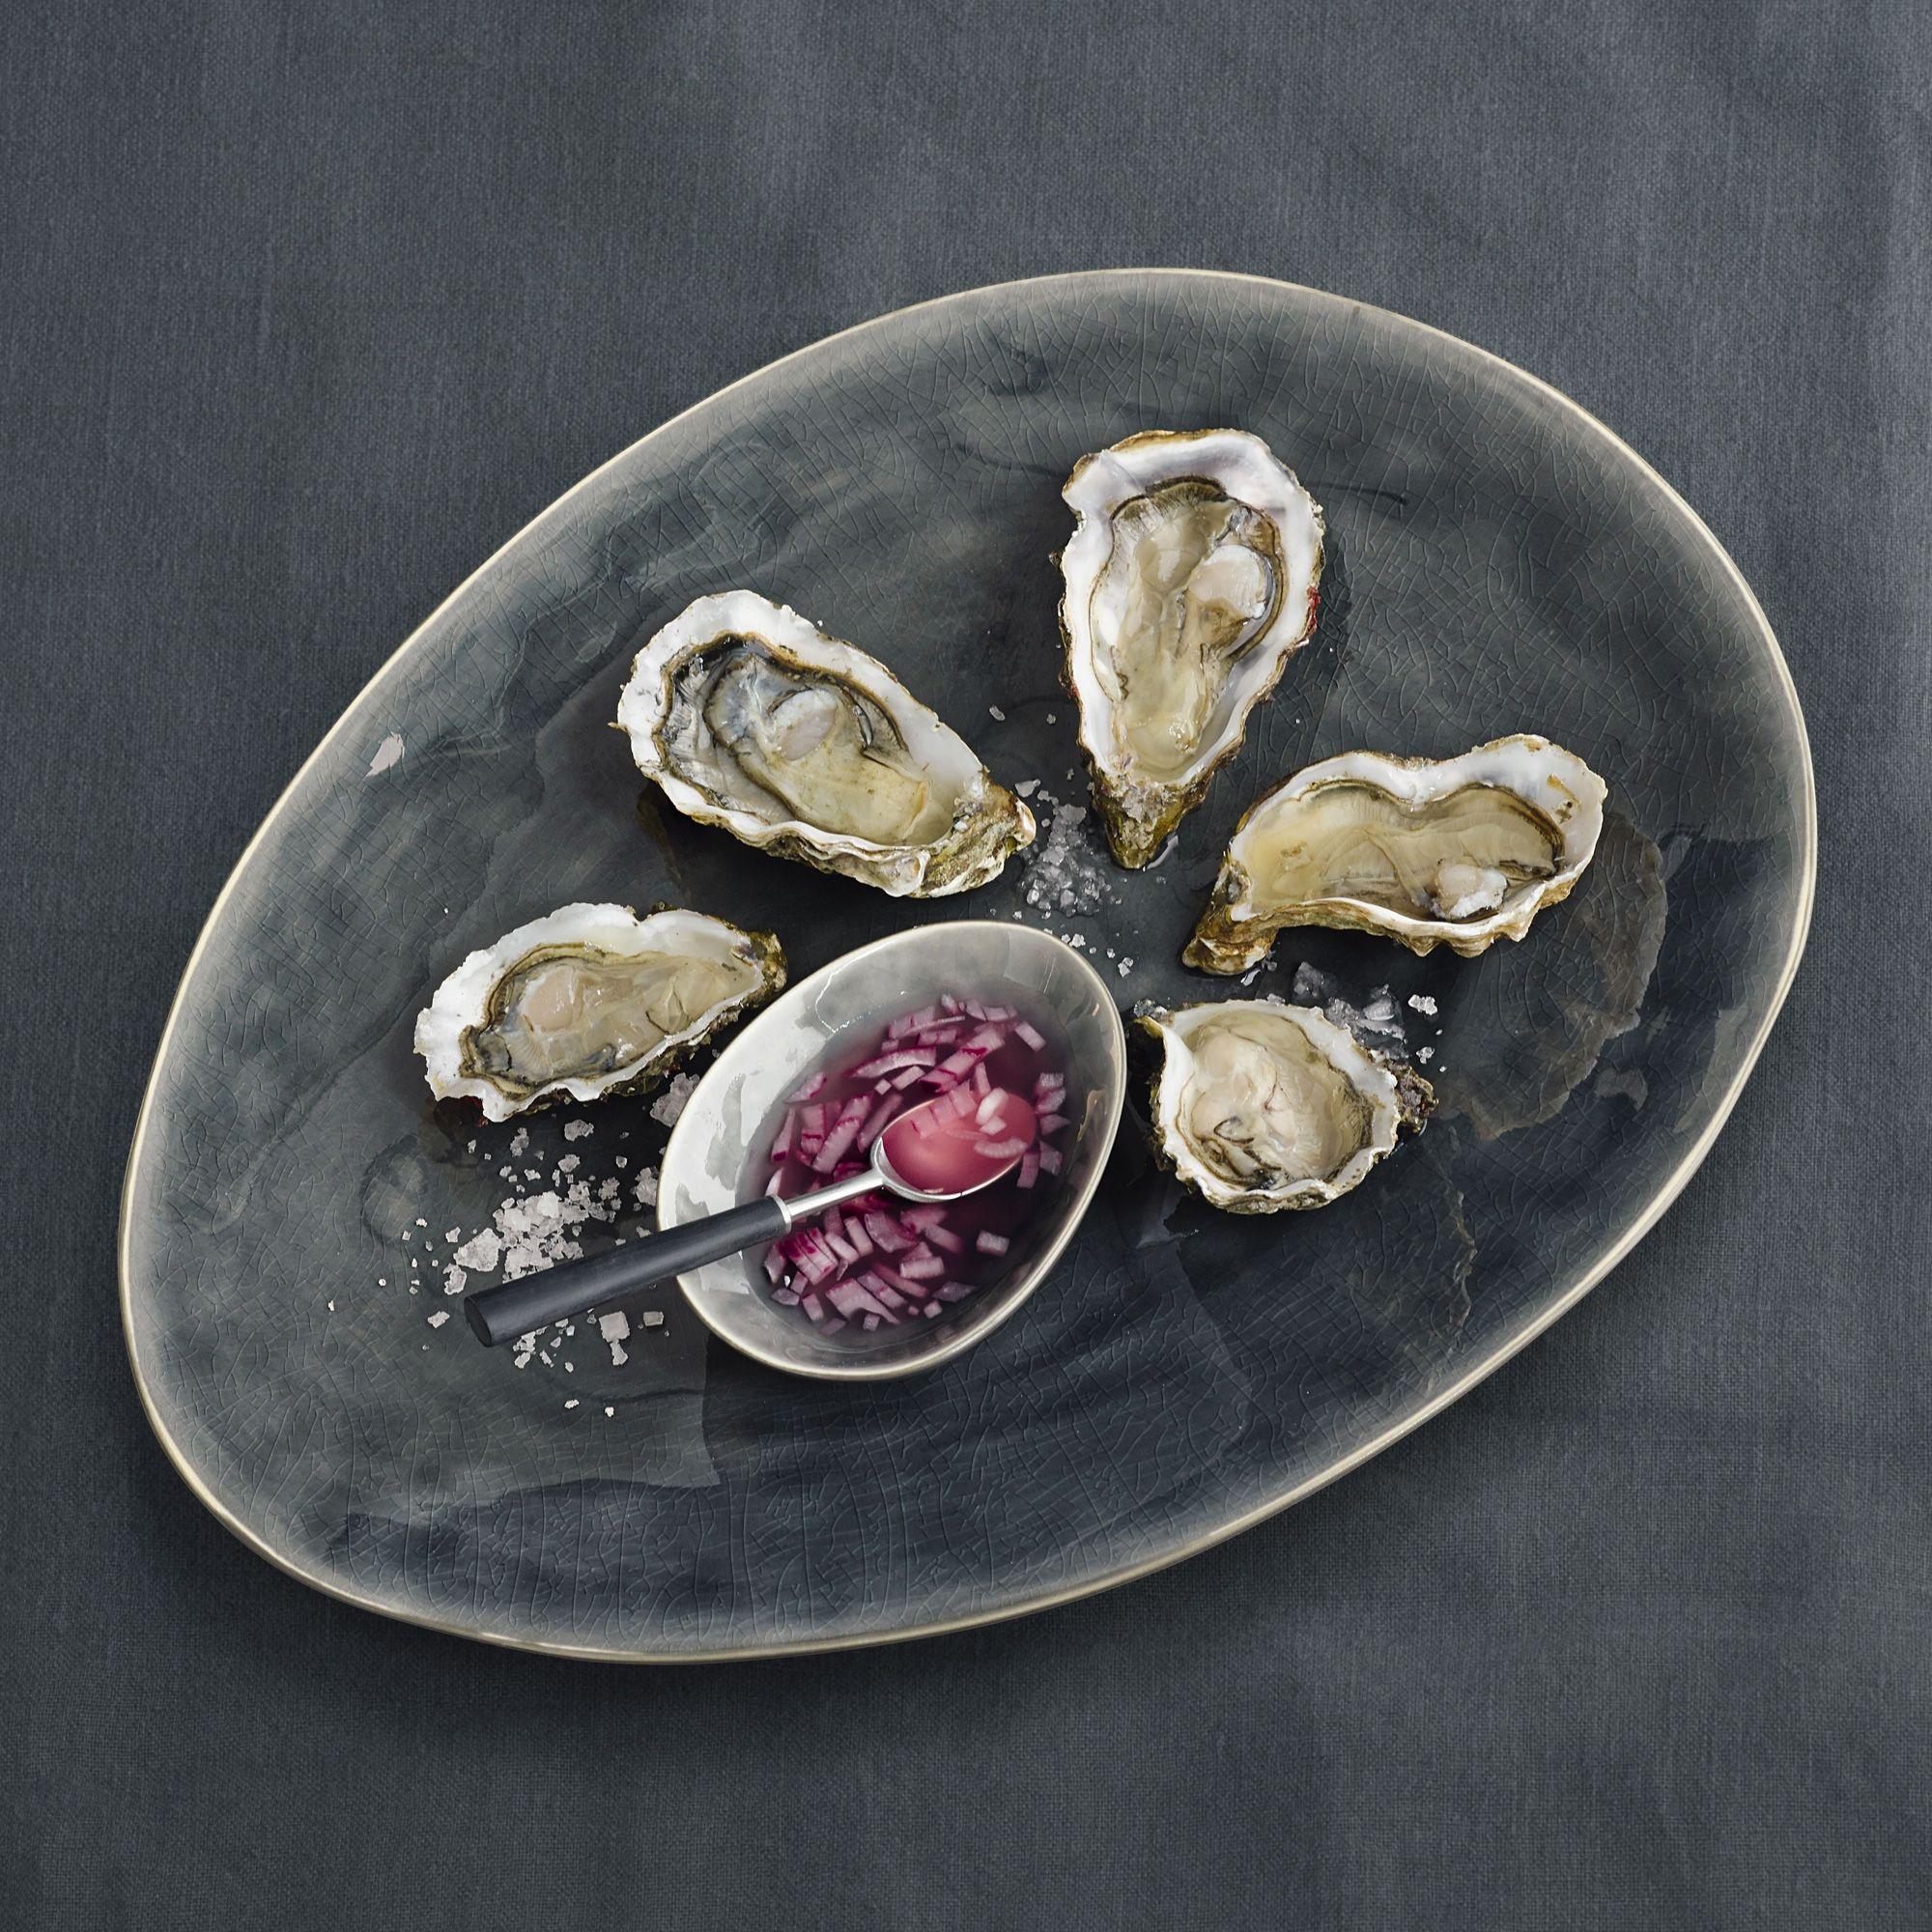 À La Maison van ASA Selection is een prachtig servies met organische vormen. #organic & ASA Selection A La Maison Bord 34 cm